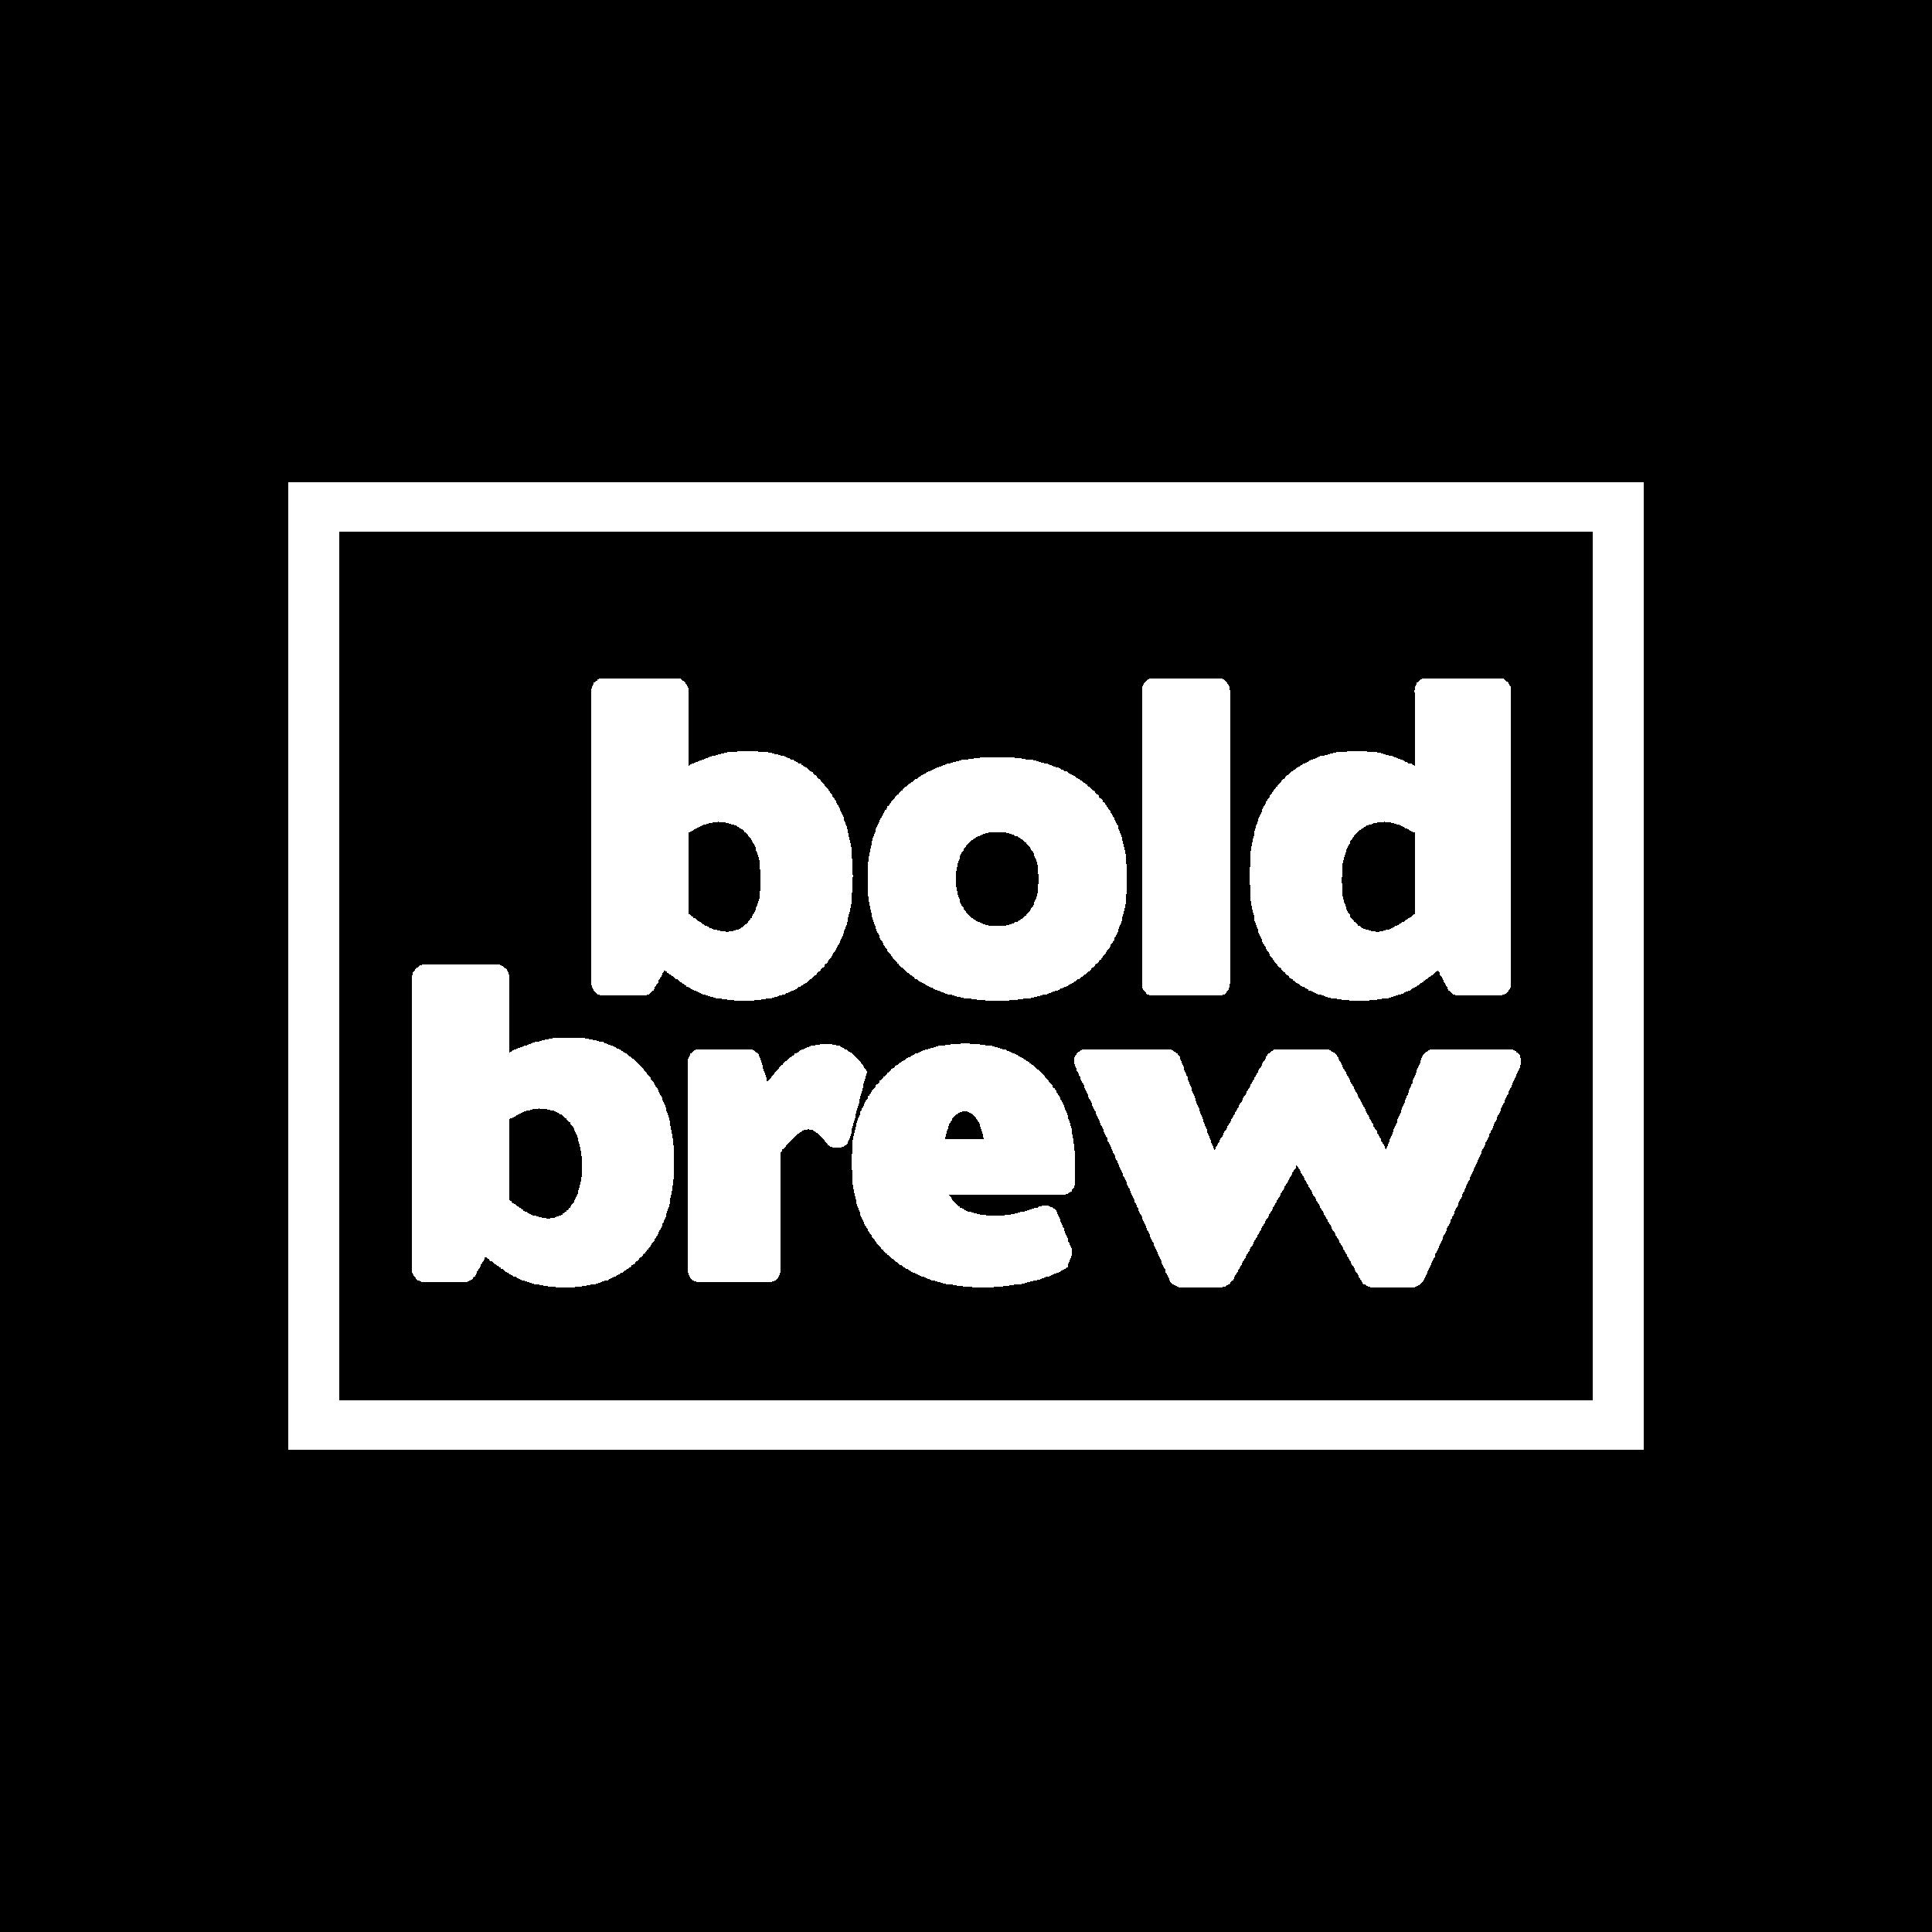 adrian@boldbrewteam.com